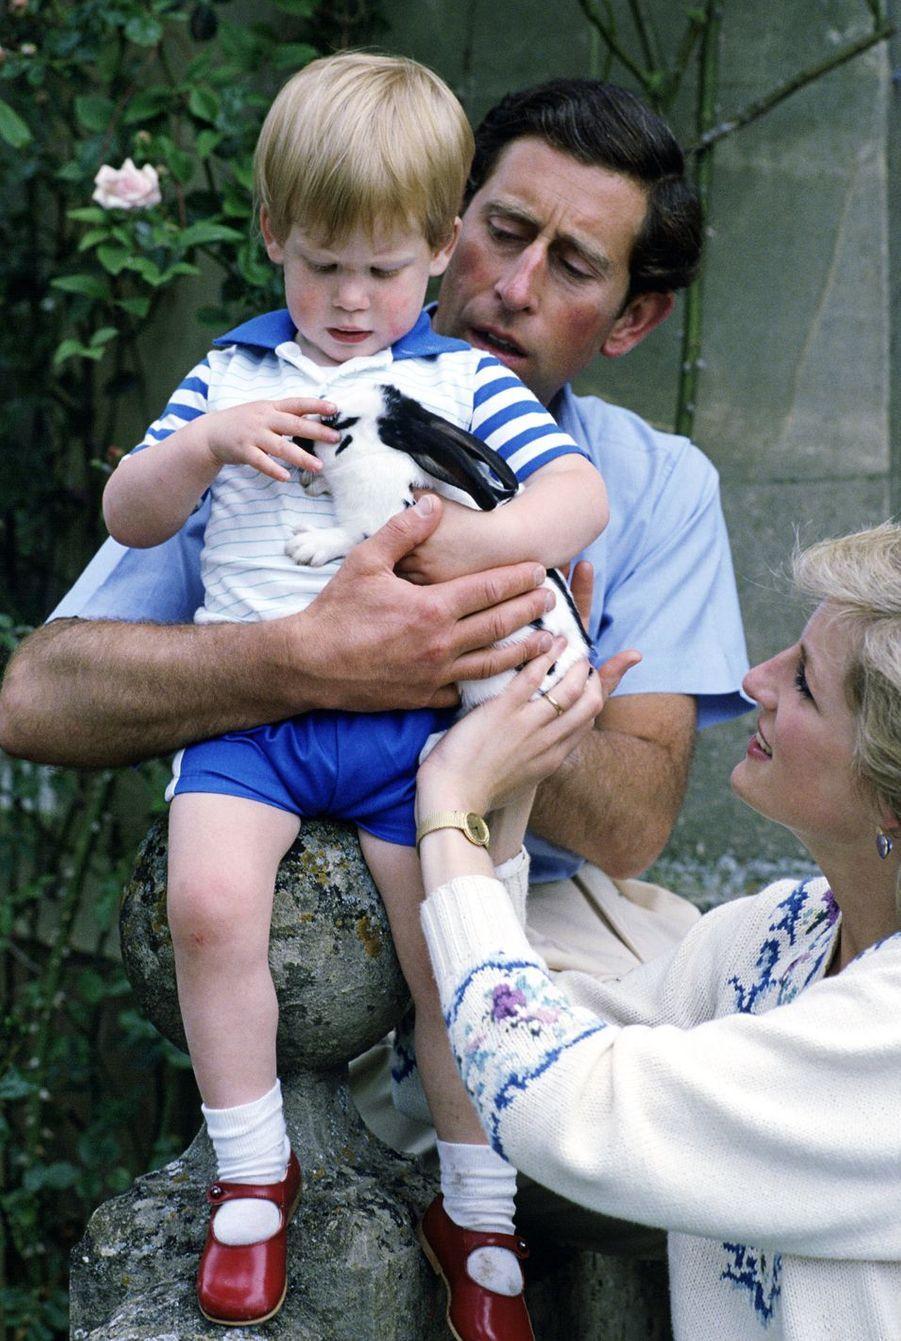 Le prince Harry jouant avec son lapin domestique dans la maison familiale deHighgrove House avec ses parents Charles et Diana en juillet 1986